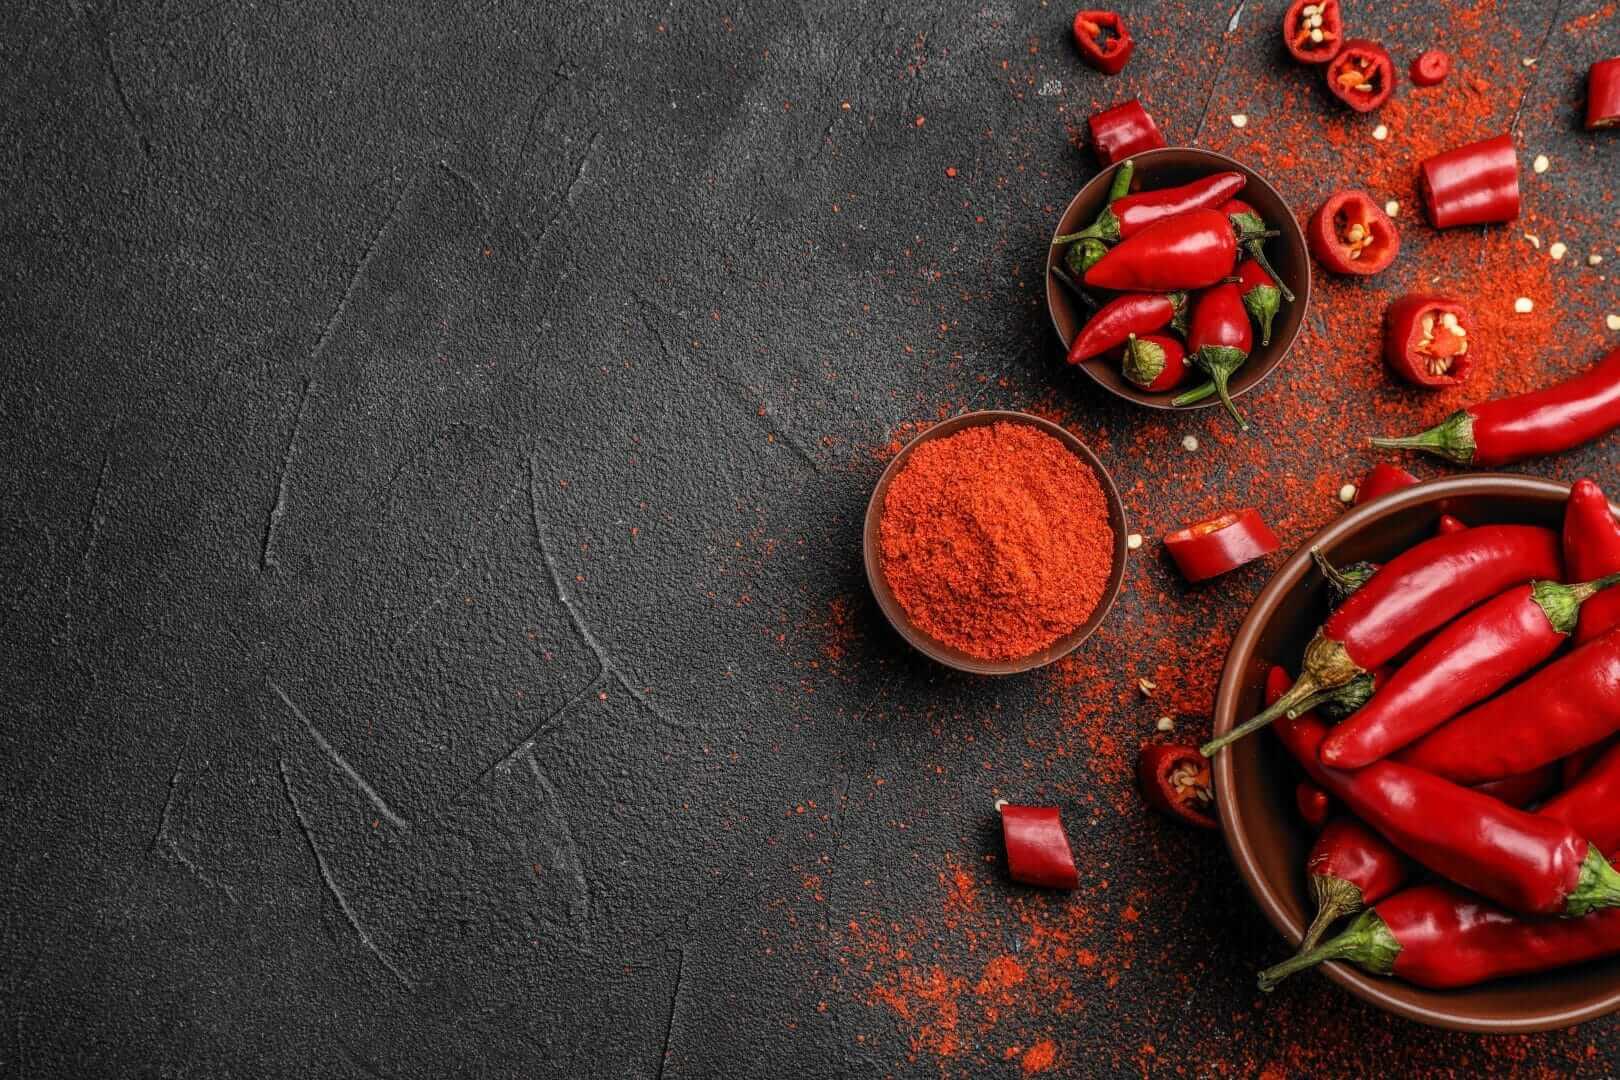 Er chili godt for huden og bumser? Få svaret her!